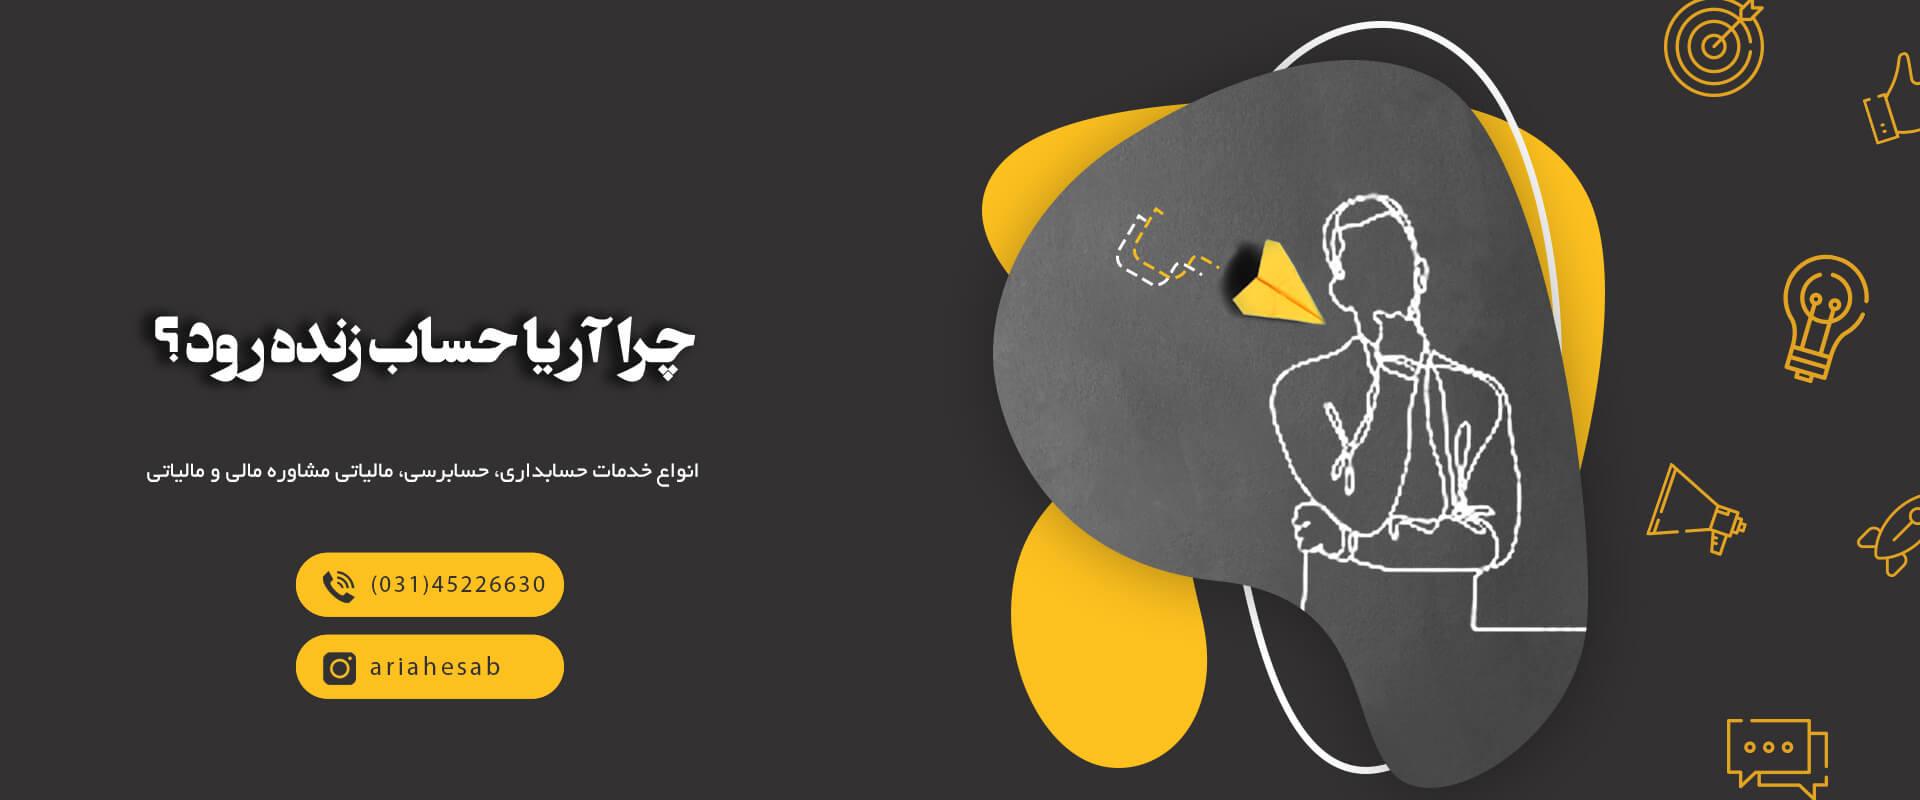 برون سپاری امور حسابداری در اصفهان